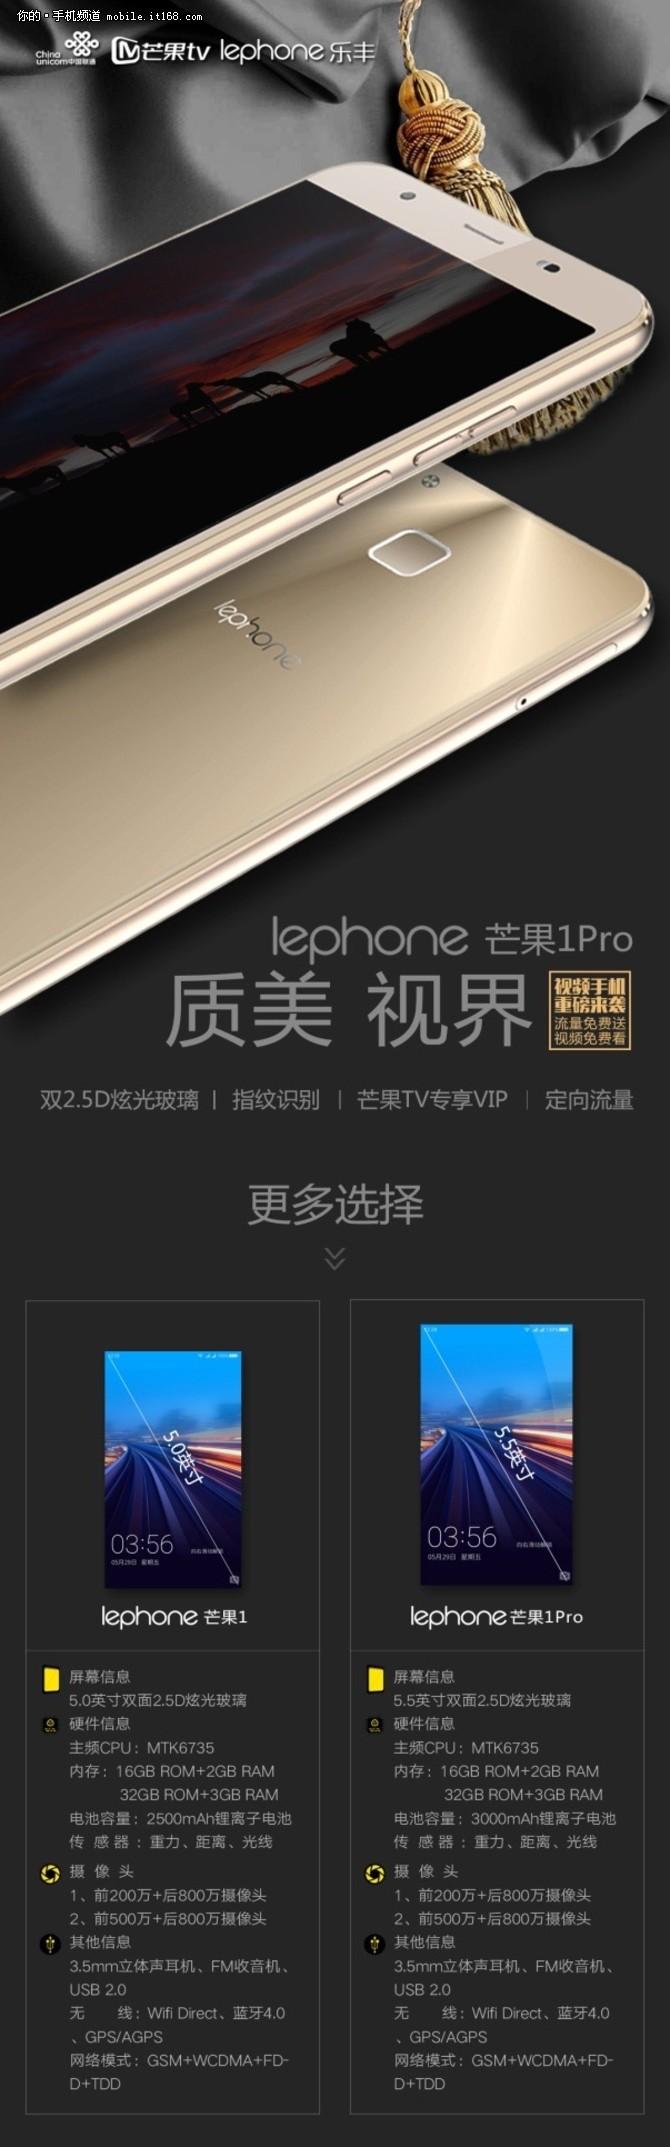 众筹4.0 lephone力推芒果系列视频手机